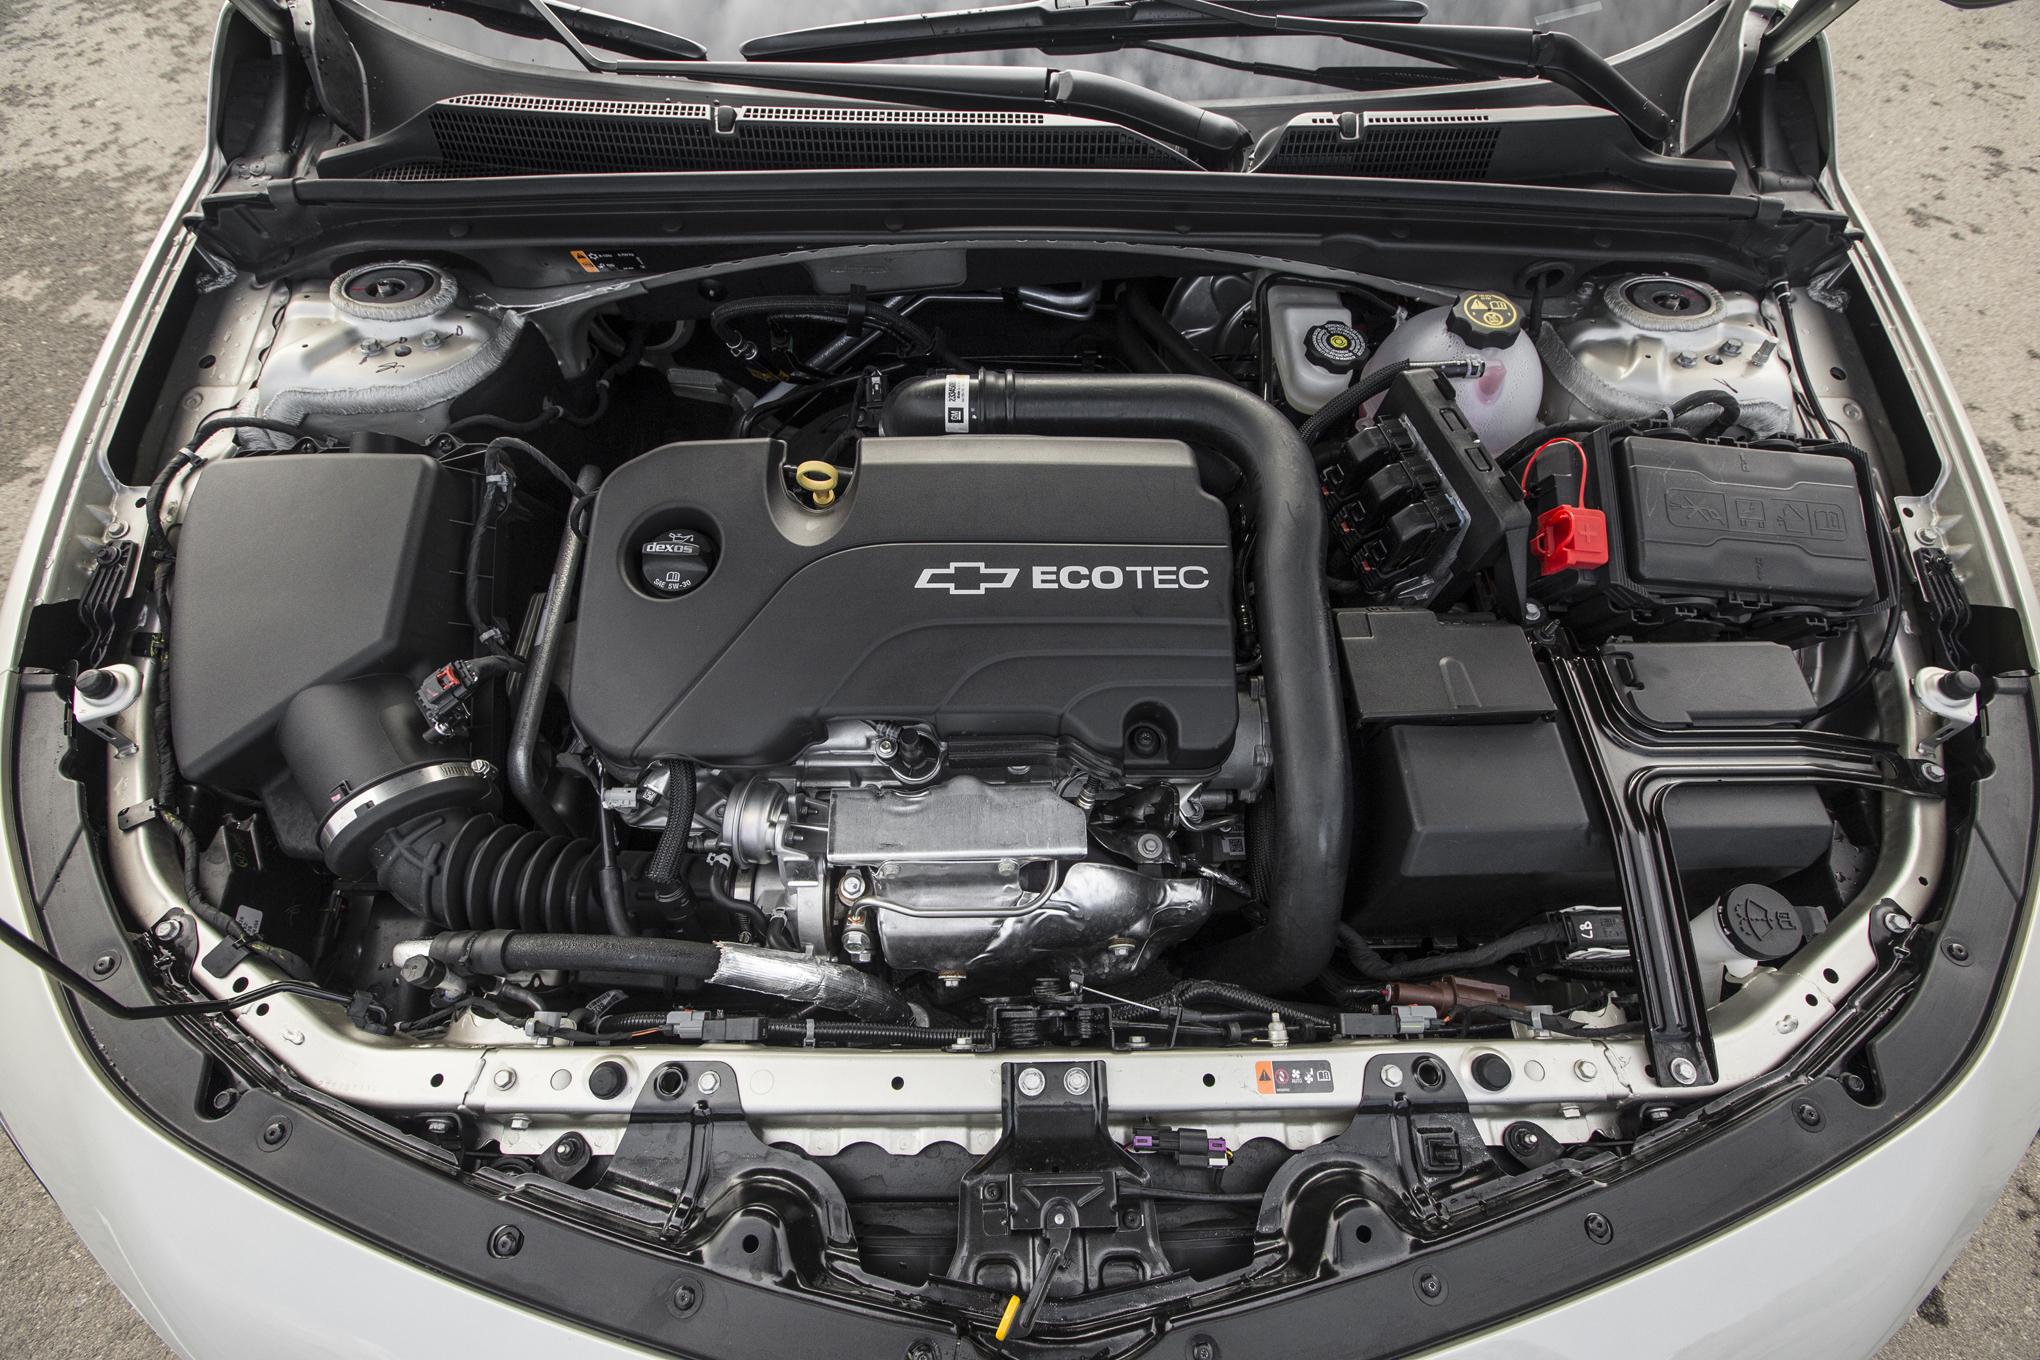 16 Malibu 1 5 Engine